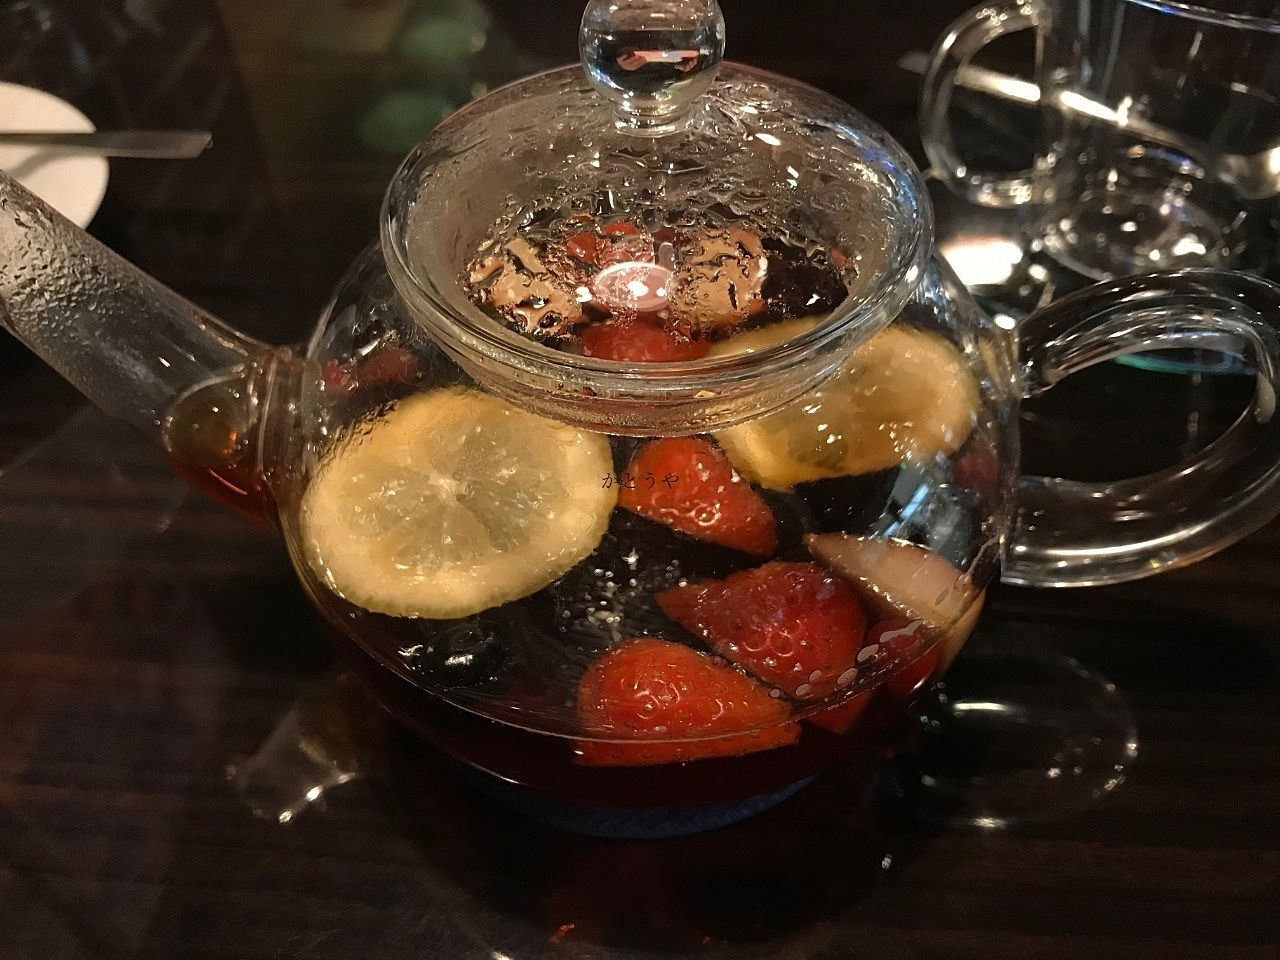 食事後ちょっと口寂しくても、オスロコーヒーさんのフルーツティーは満足度が高いのでこれで我慢できます。